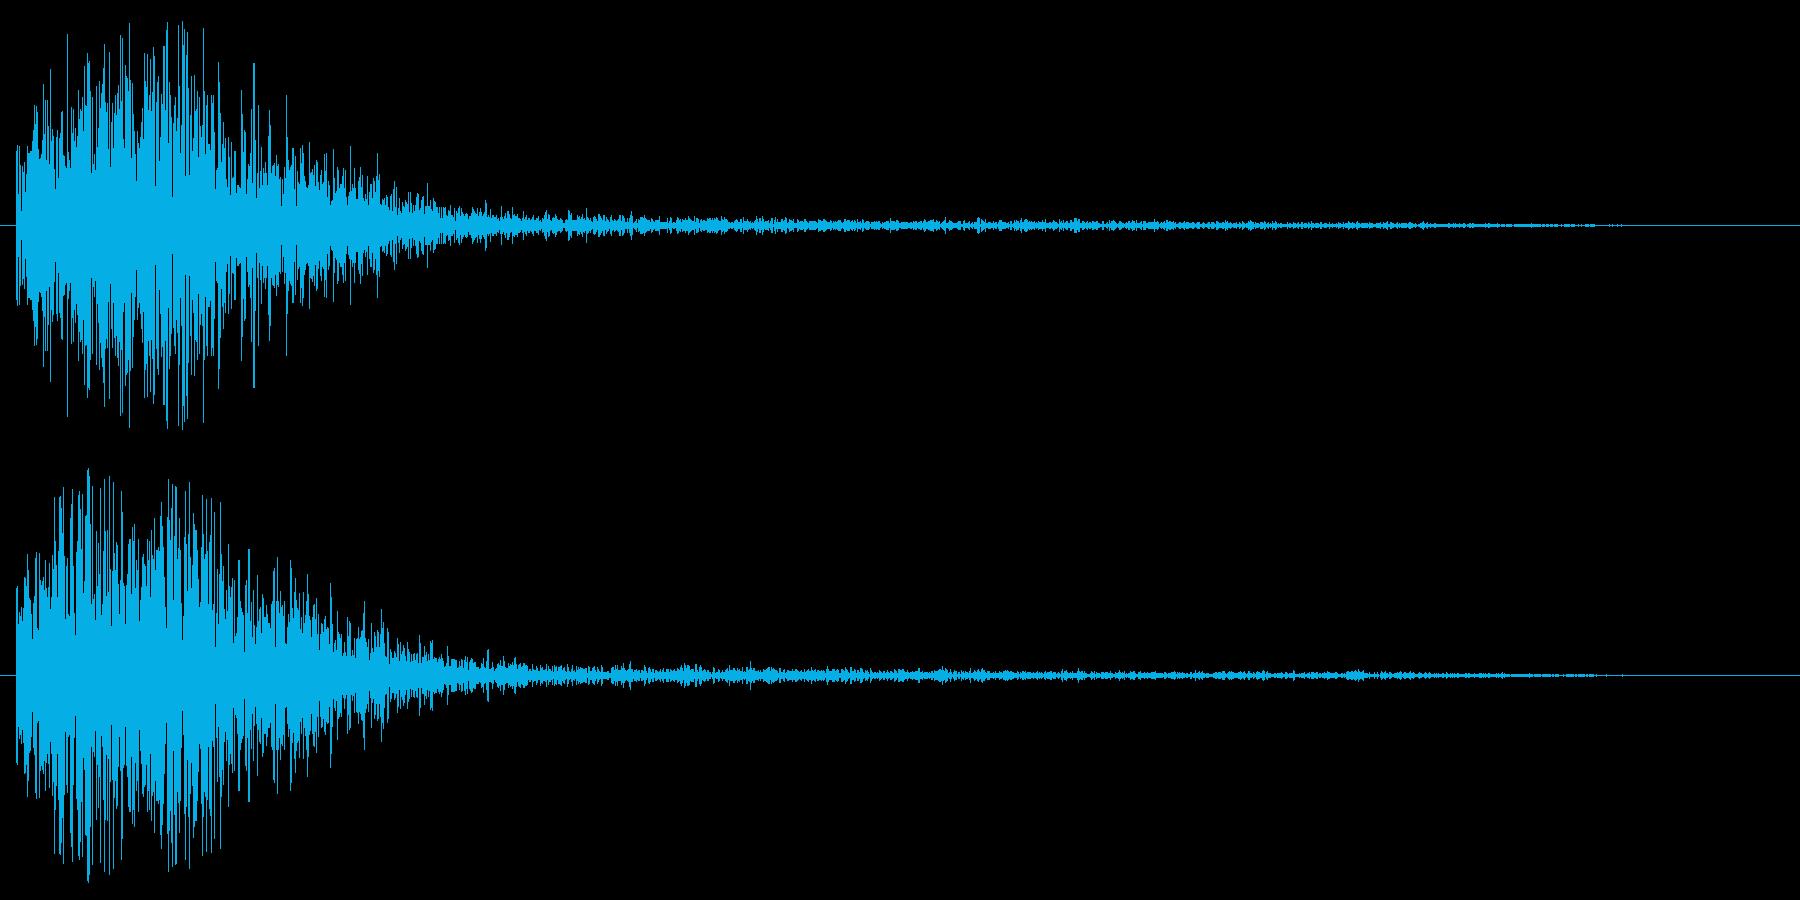 ゴォン(SF感のある謎めいた効果音)の再生済みの波形